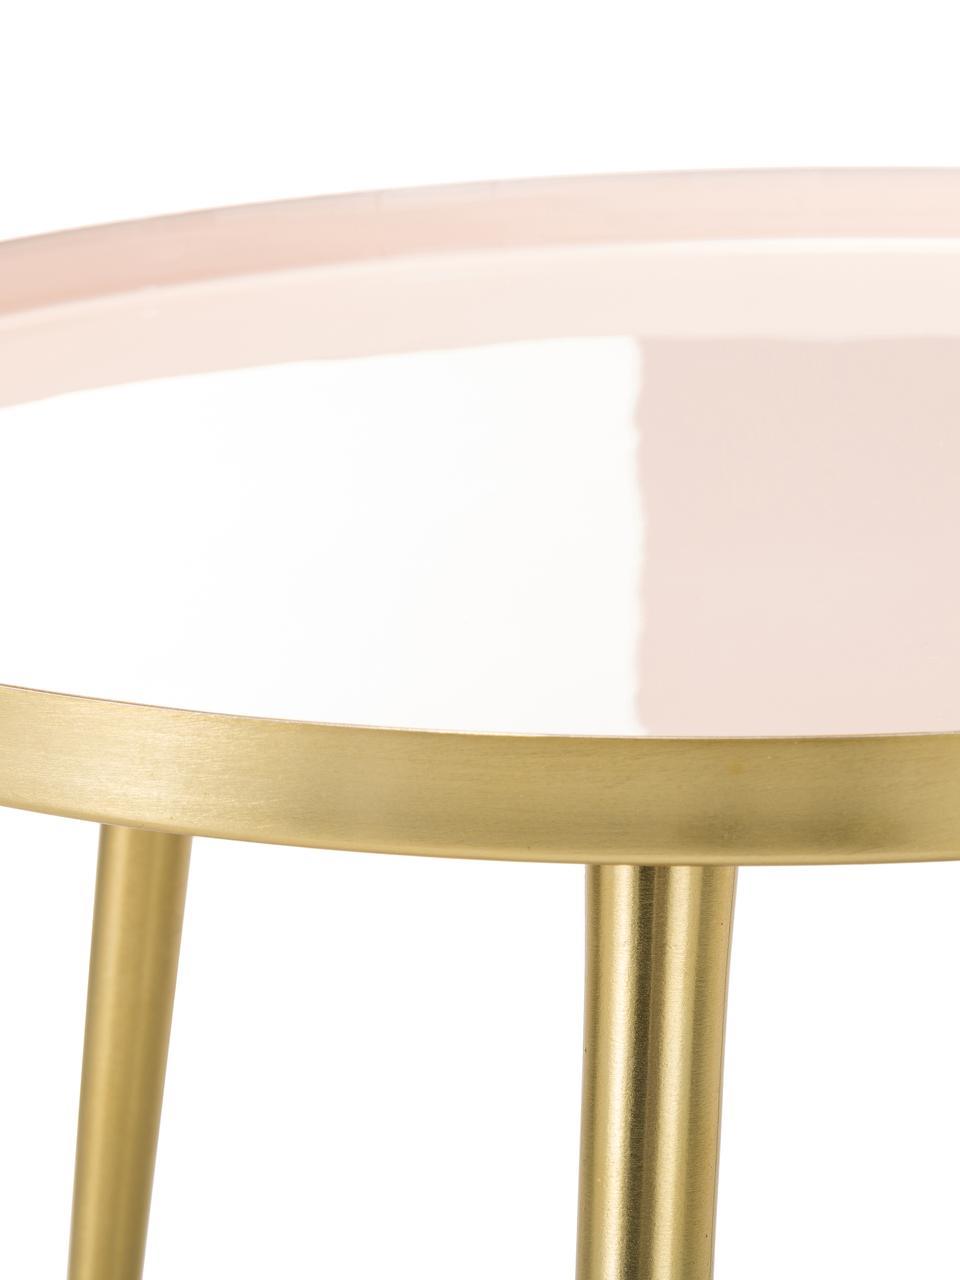 Runder Beistelltisch Amalia aus Metall, Tischplatte: , Oberseite: Metall, emailliert, Tischplatte: HellrosaTischbeine: Goldfarben, Ø 50 x H 42 cm